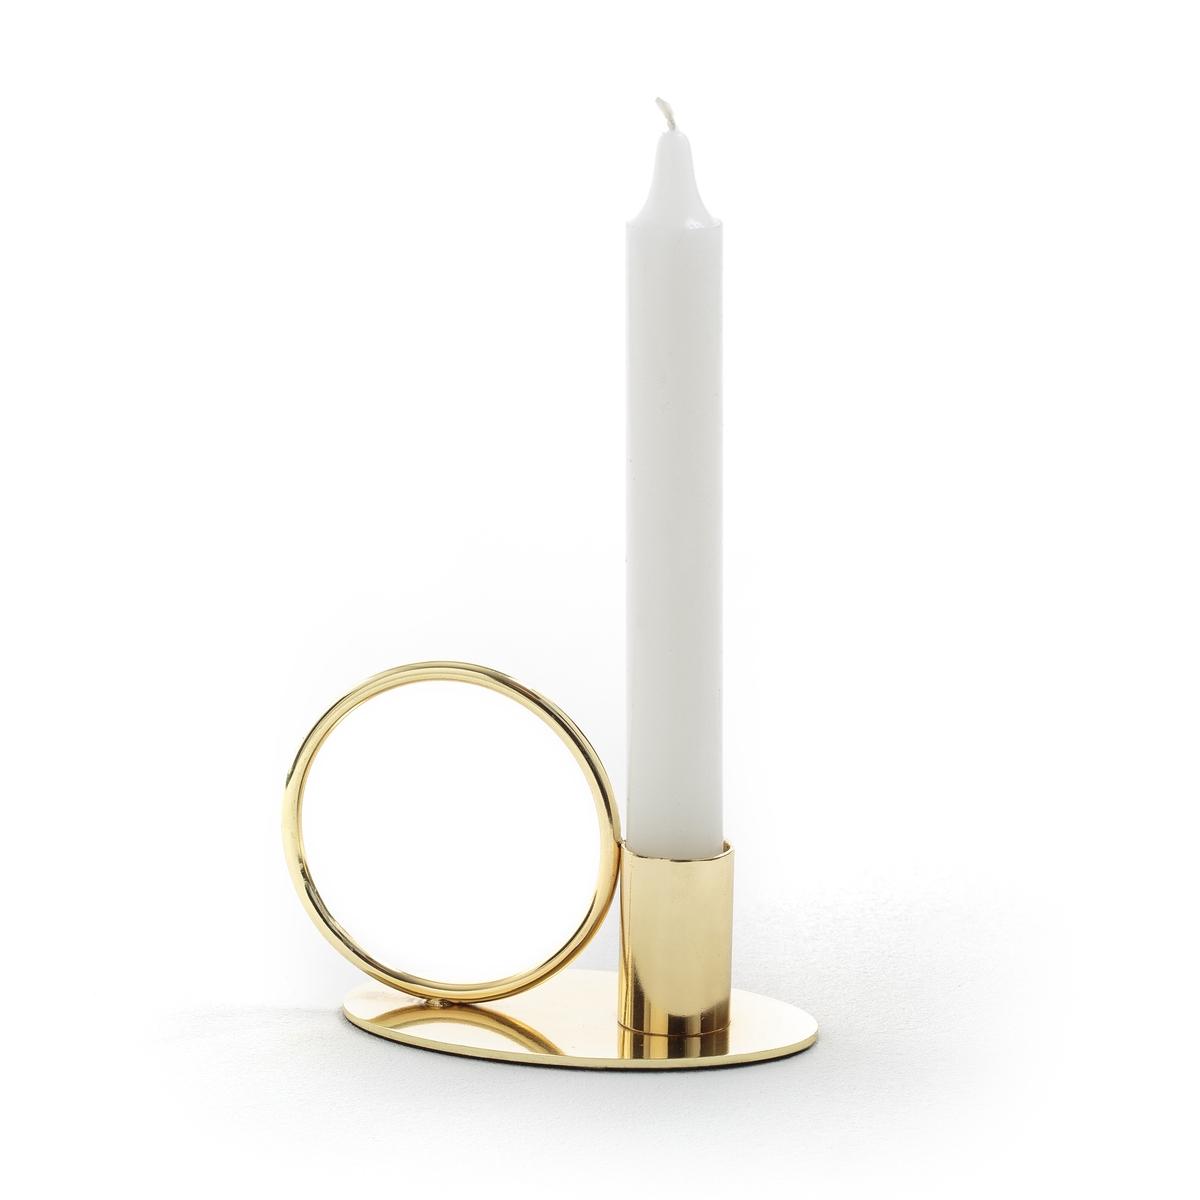 Подсвечник из металла ALWYNПодсвечник из металла  Alwyn . Красивая вещица для ценителей декора .Описание подсвечника Alwyn:Подсвечник из металла под латунь+ подставка для свечи ?2 см Размеры подсвечника Alwyn:8.5x11x7 см<br><br>Цвет: латунь<br>Размер: единый размер